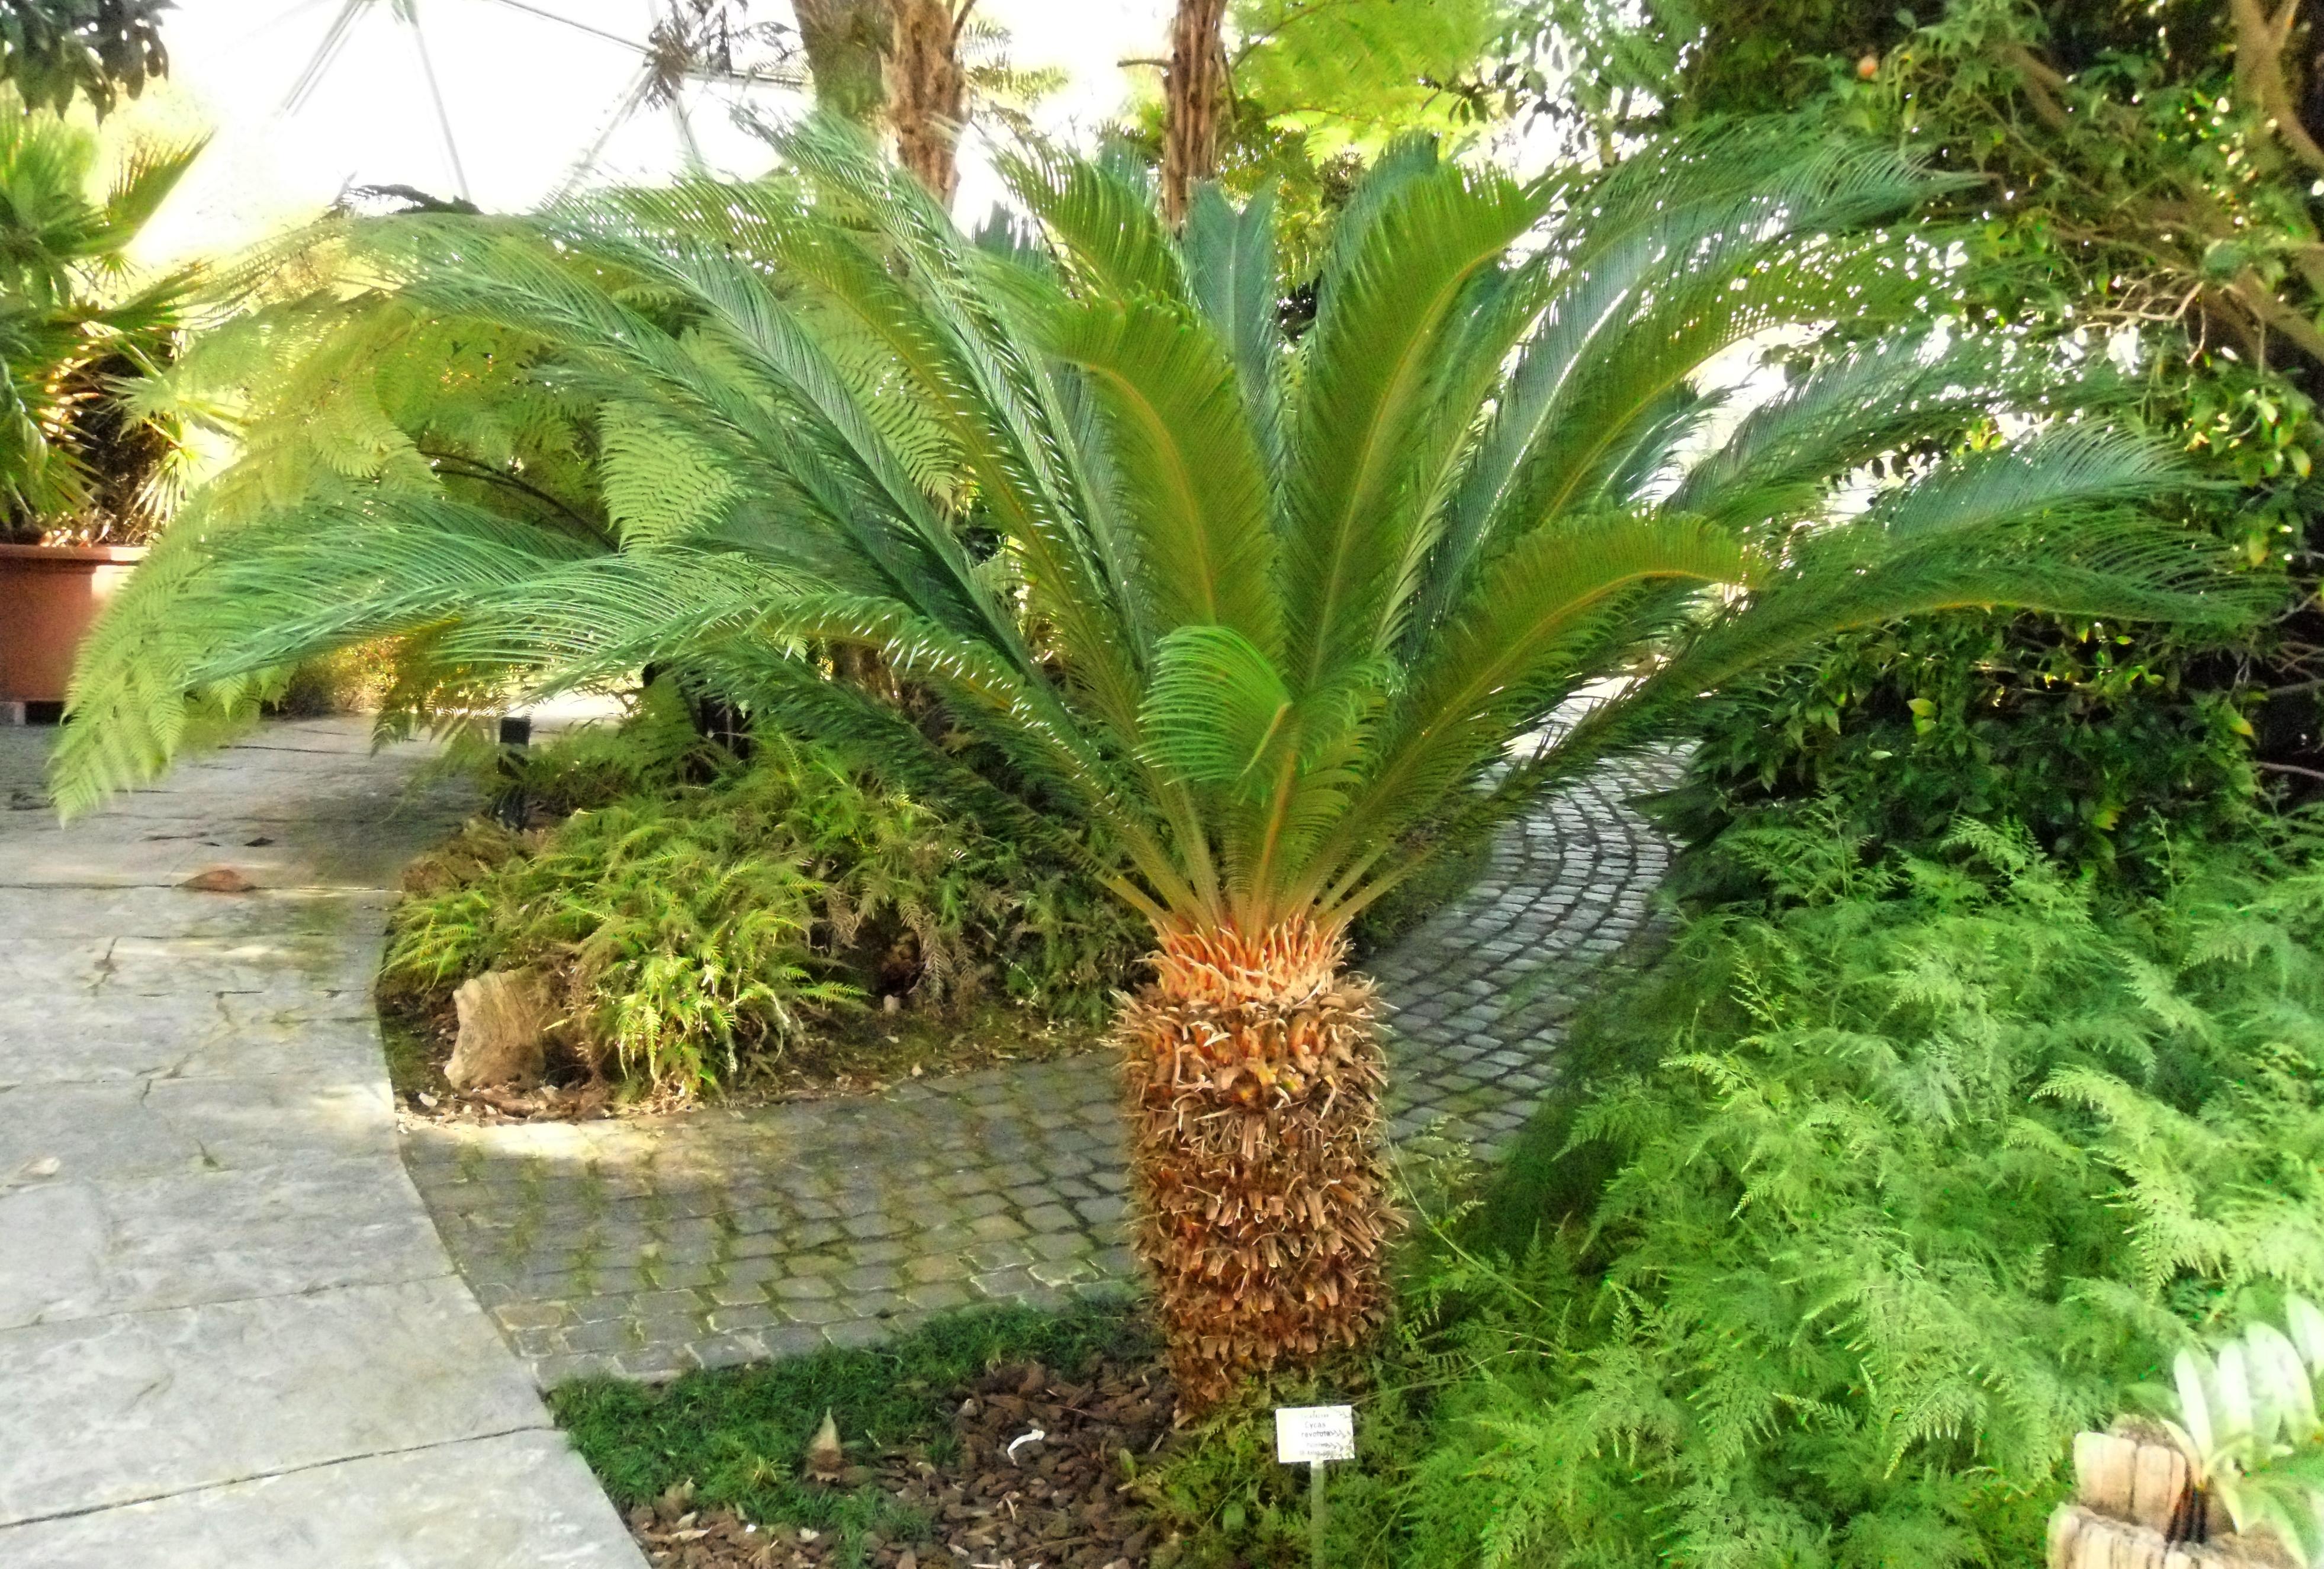 Cane Bay Summerville - Sago Palm Plant Poisonous to Pets